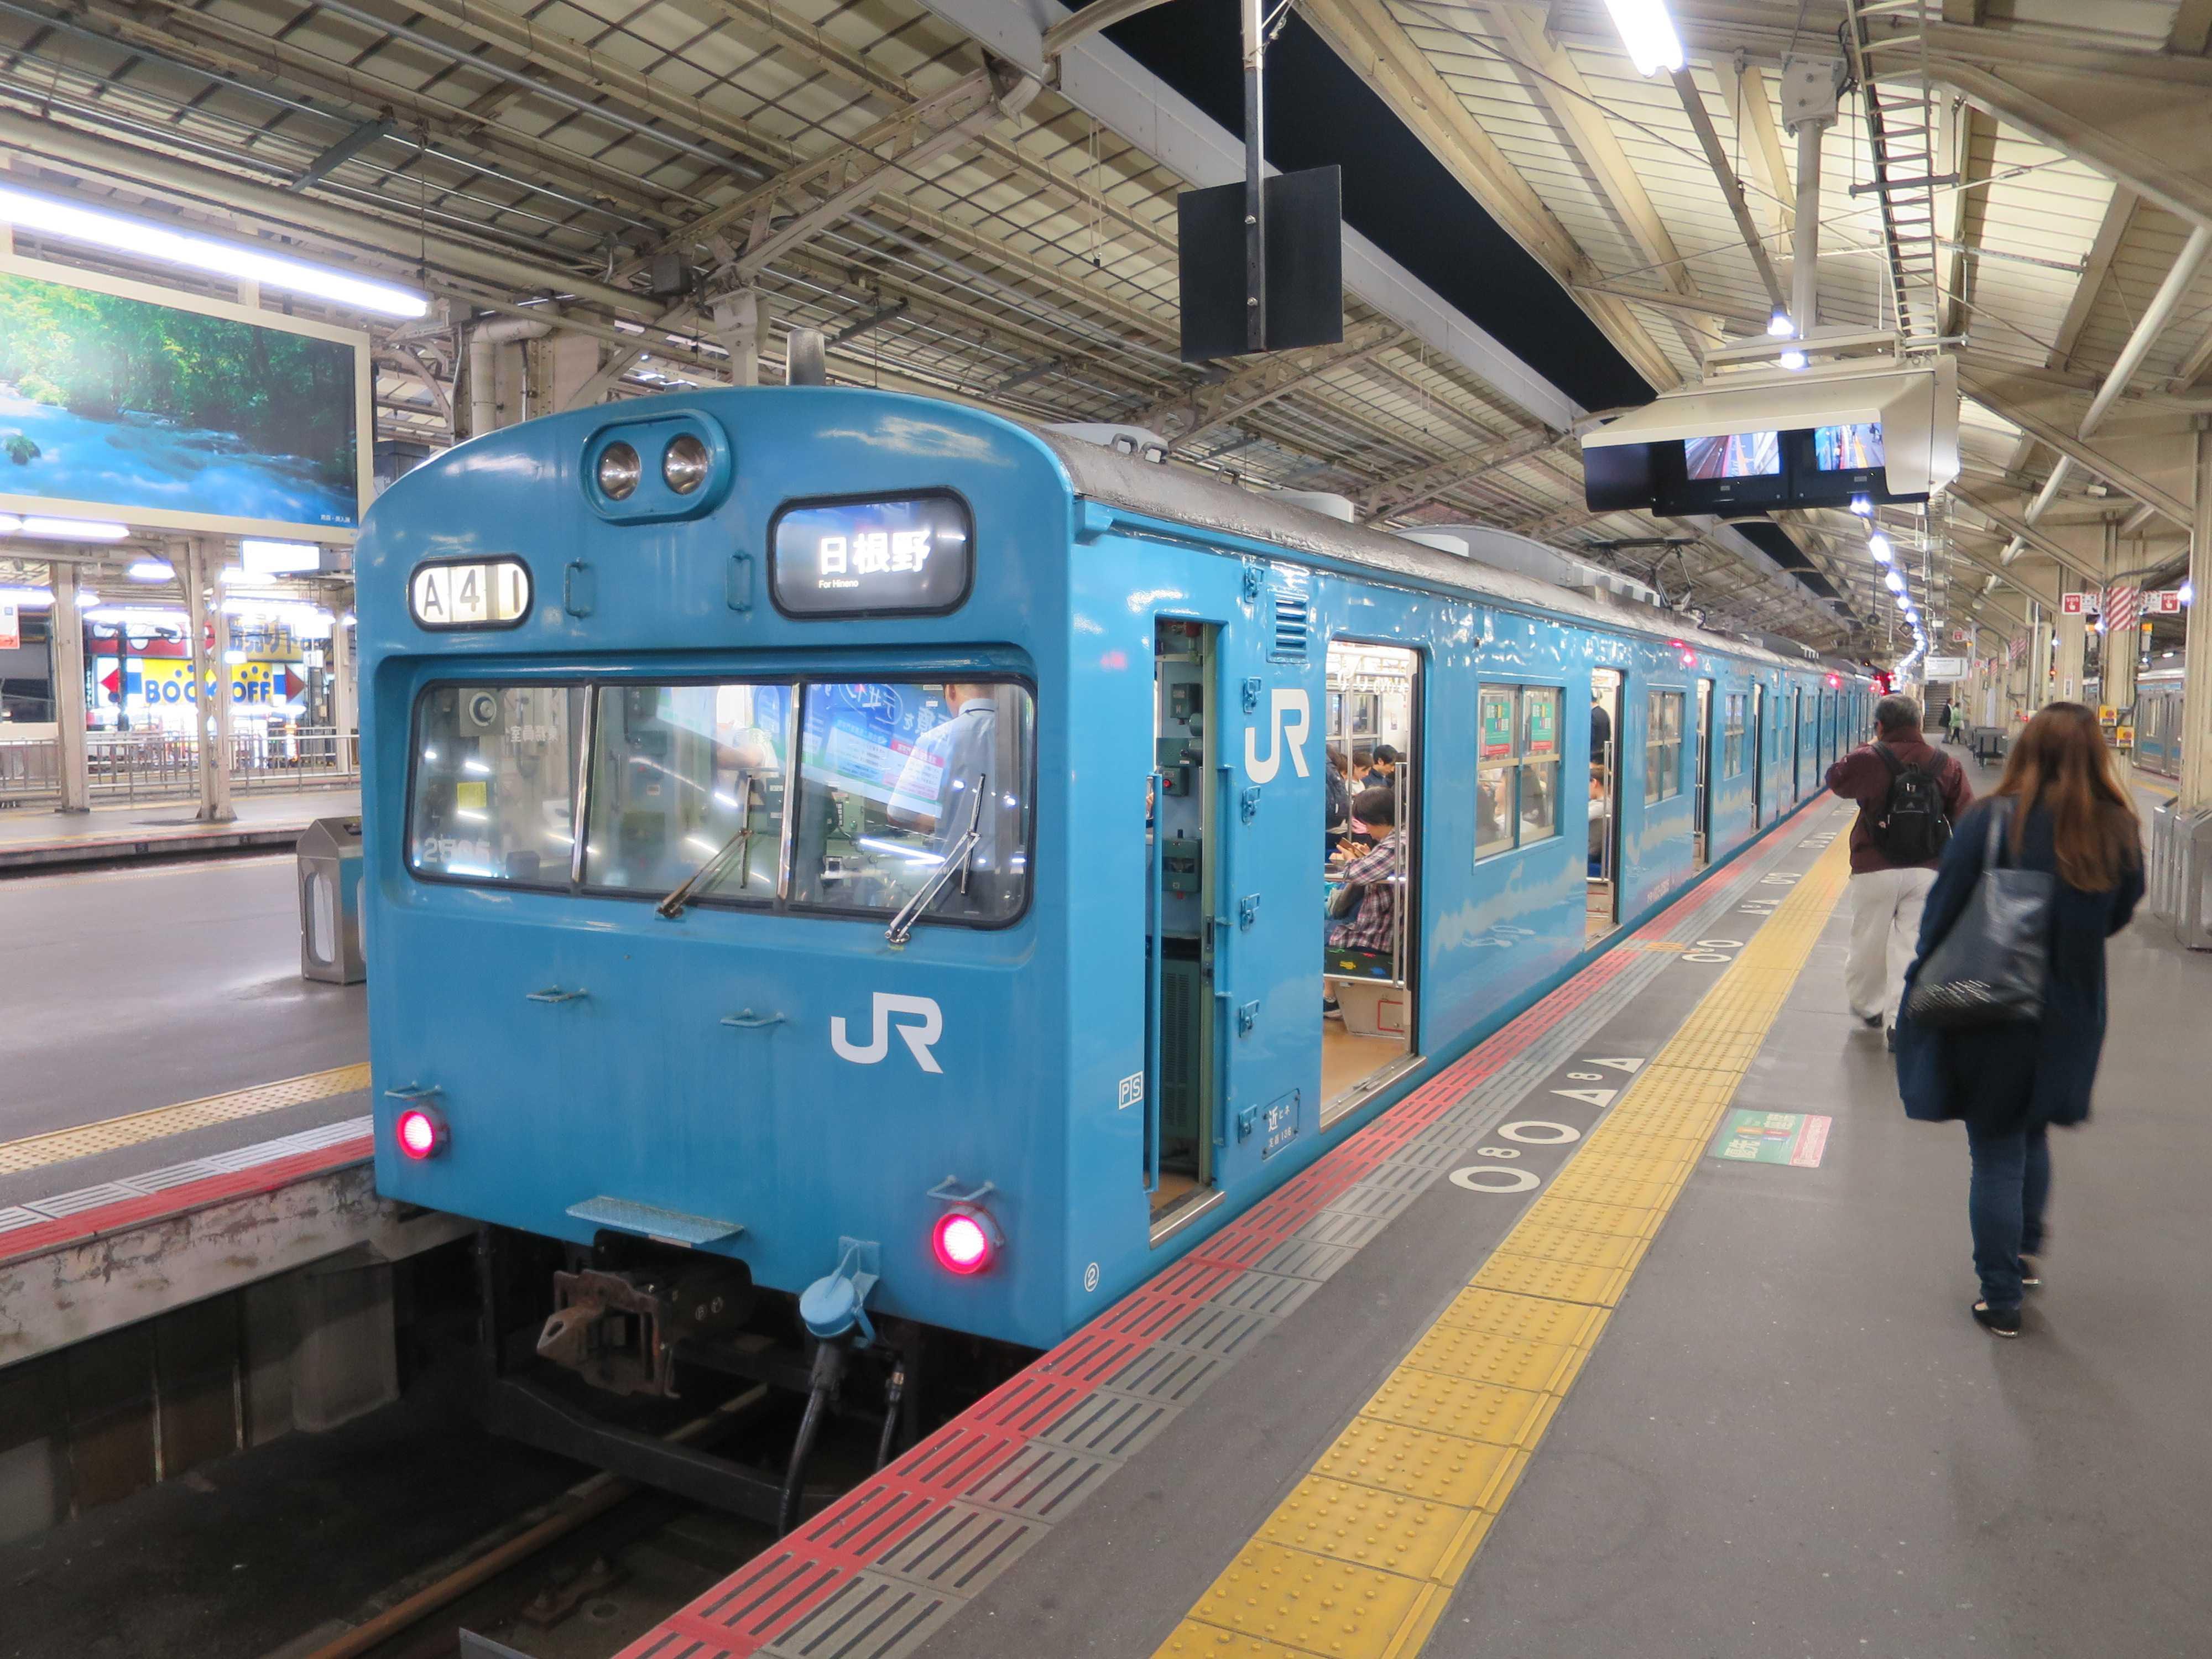 スカイブルーの電車 - JR阪和線